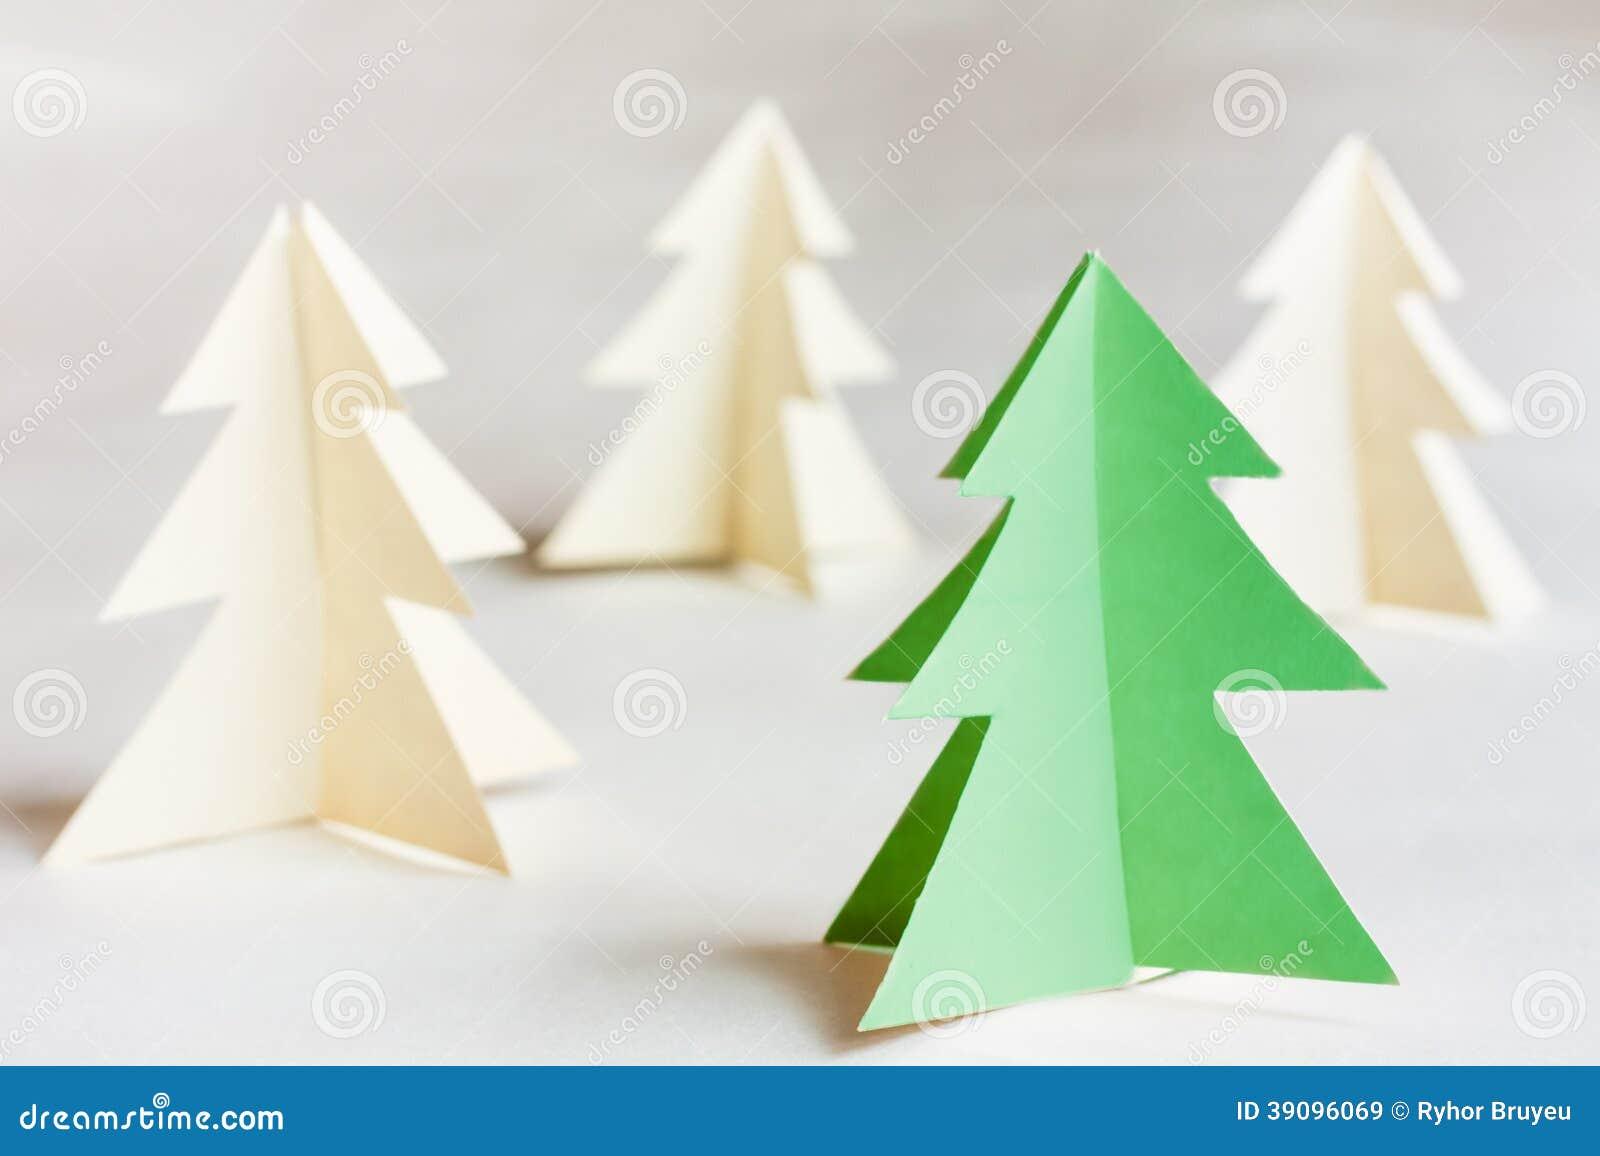 Eco Christmas Trees